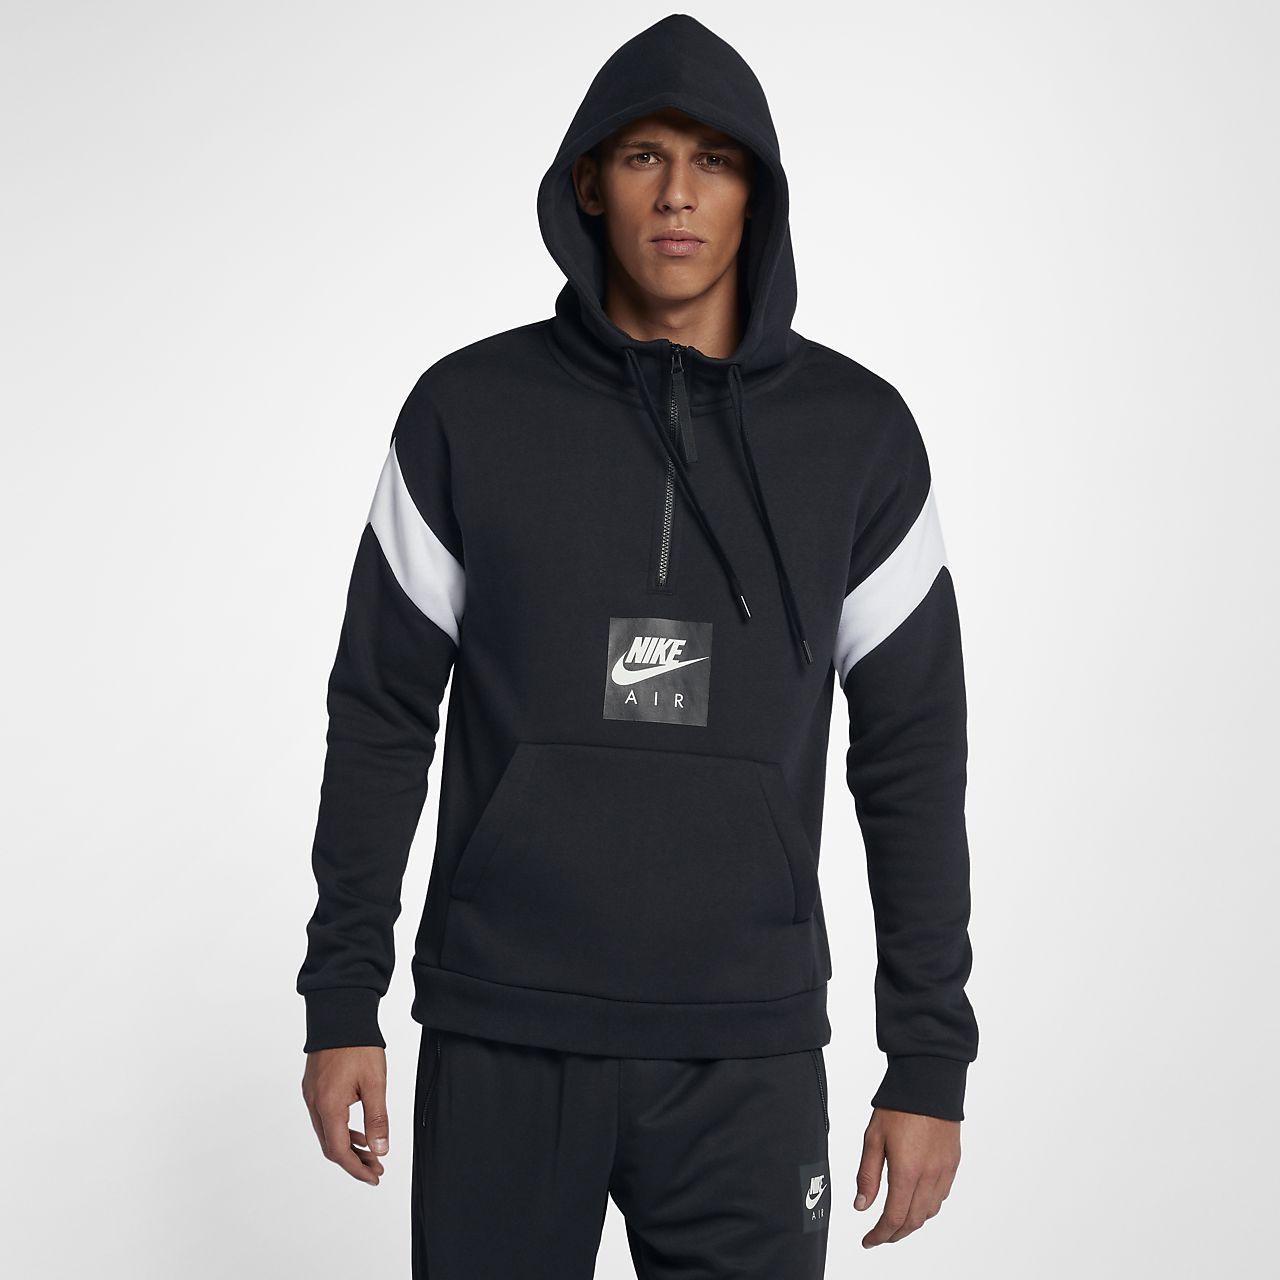 1a04dea5ba8b40 Sweat à capuche Nike Sportswear Air pour Homme. Nike.com CH